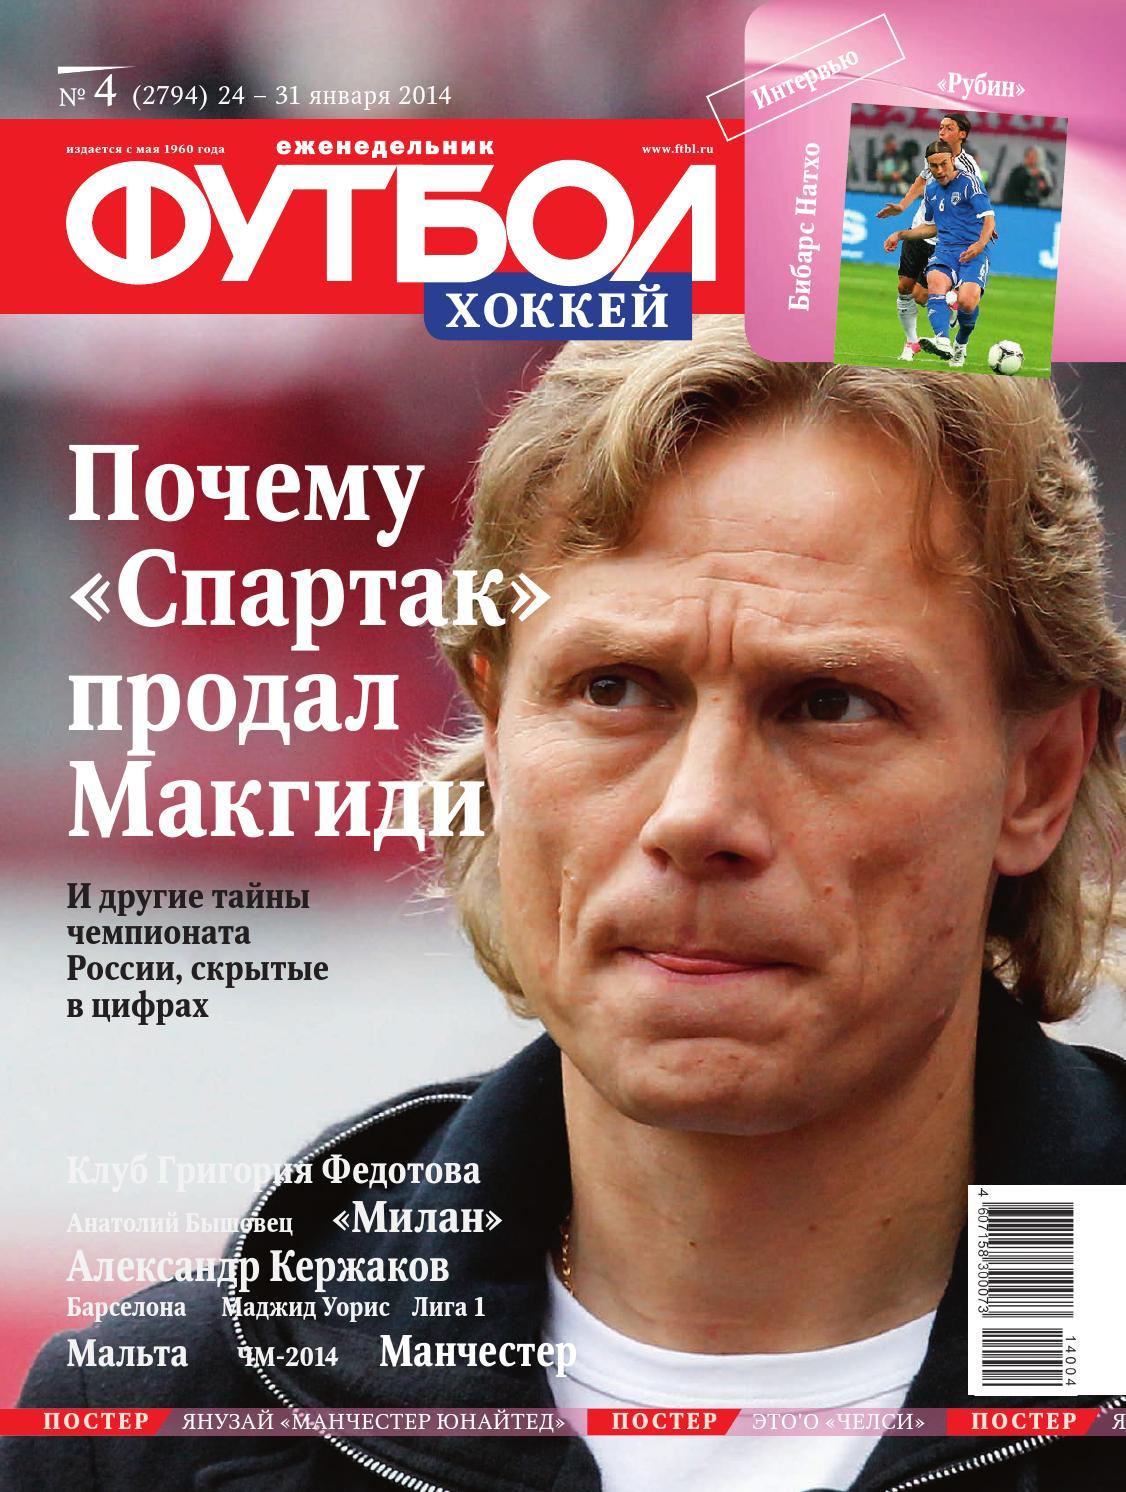 Еженедельник футбол великие кпубы бавария ч. 2 2010